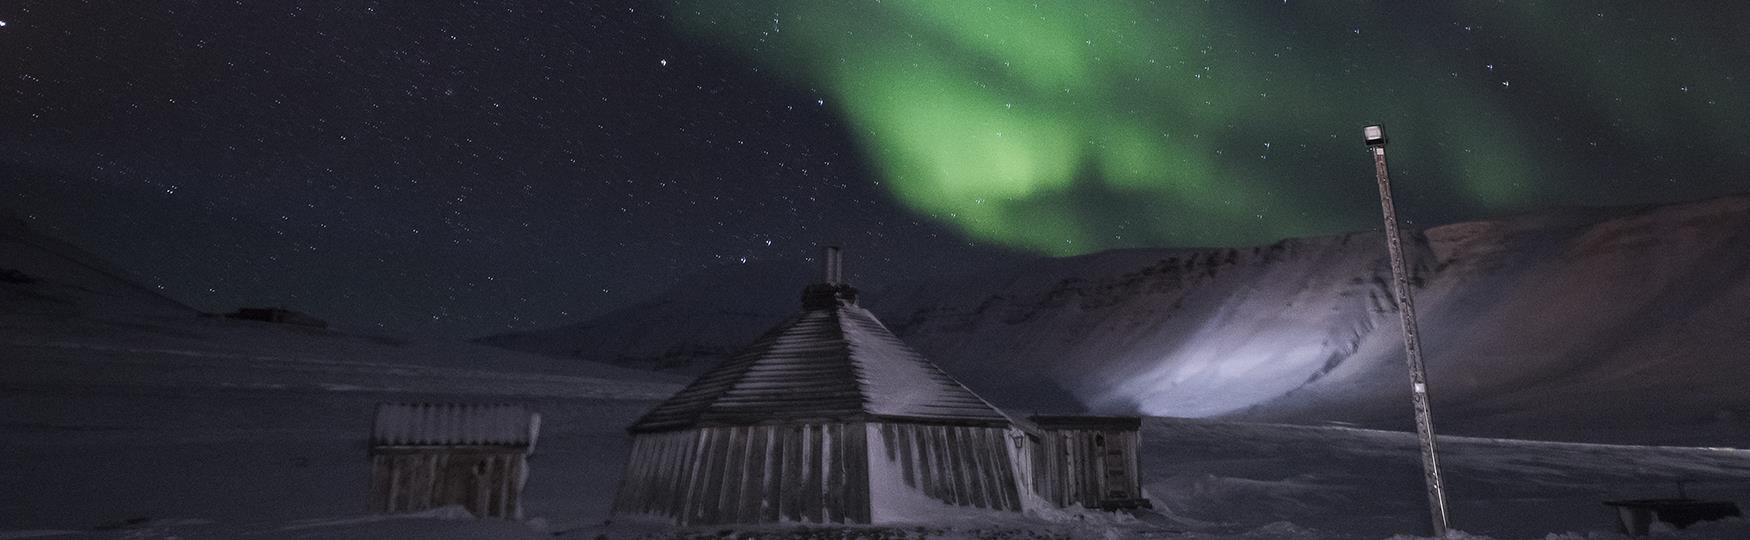 Mysterious Aurora Borealis